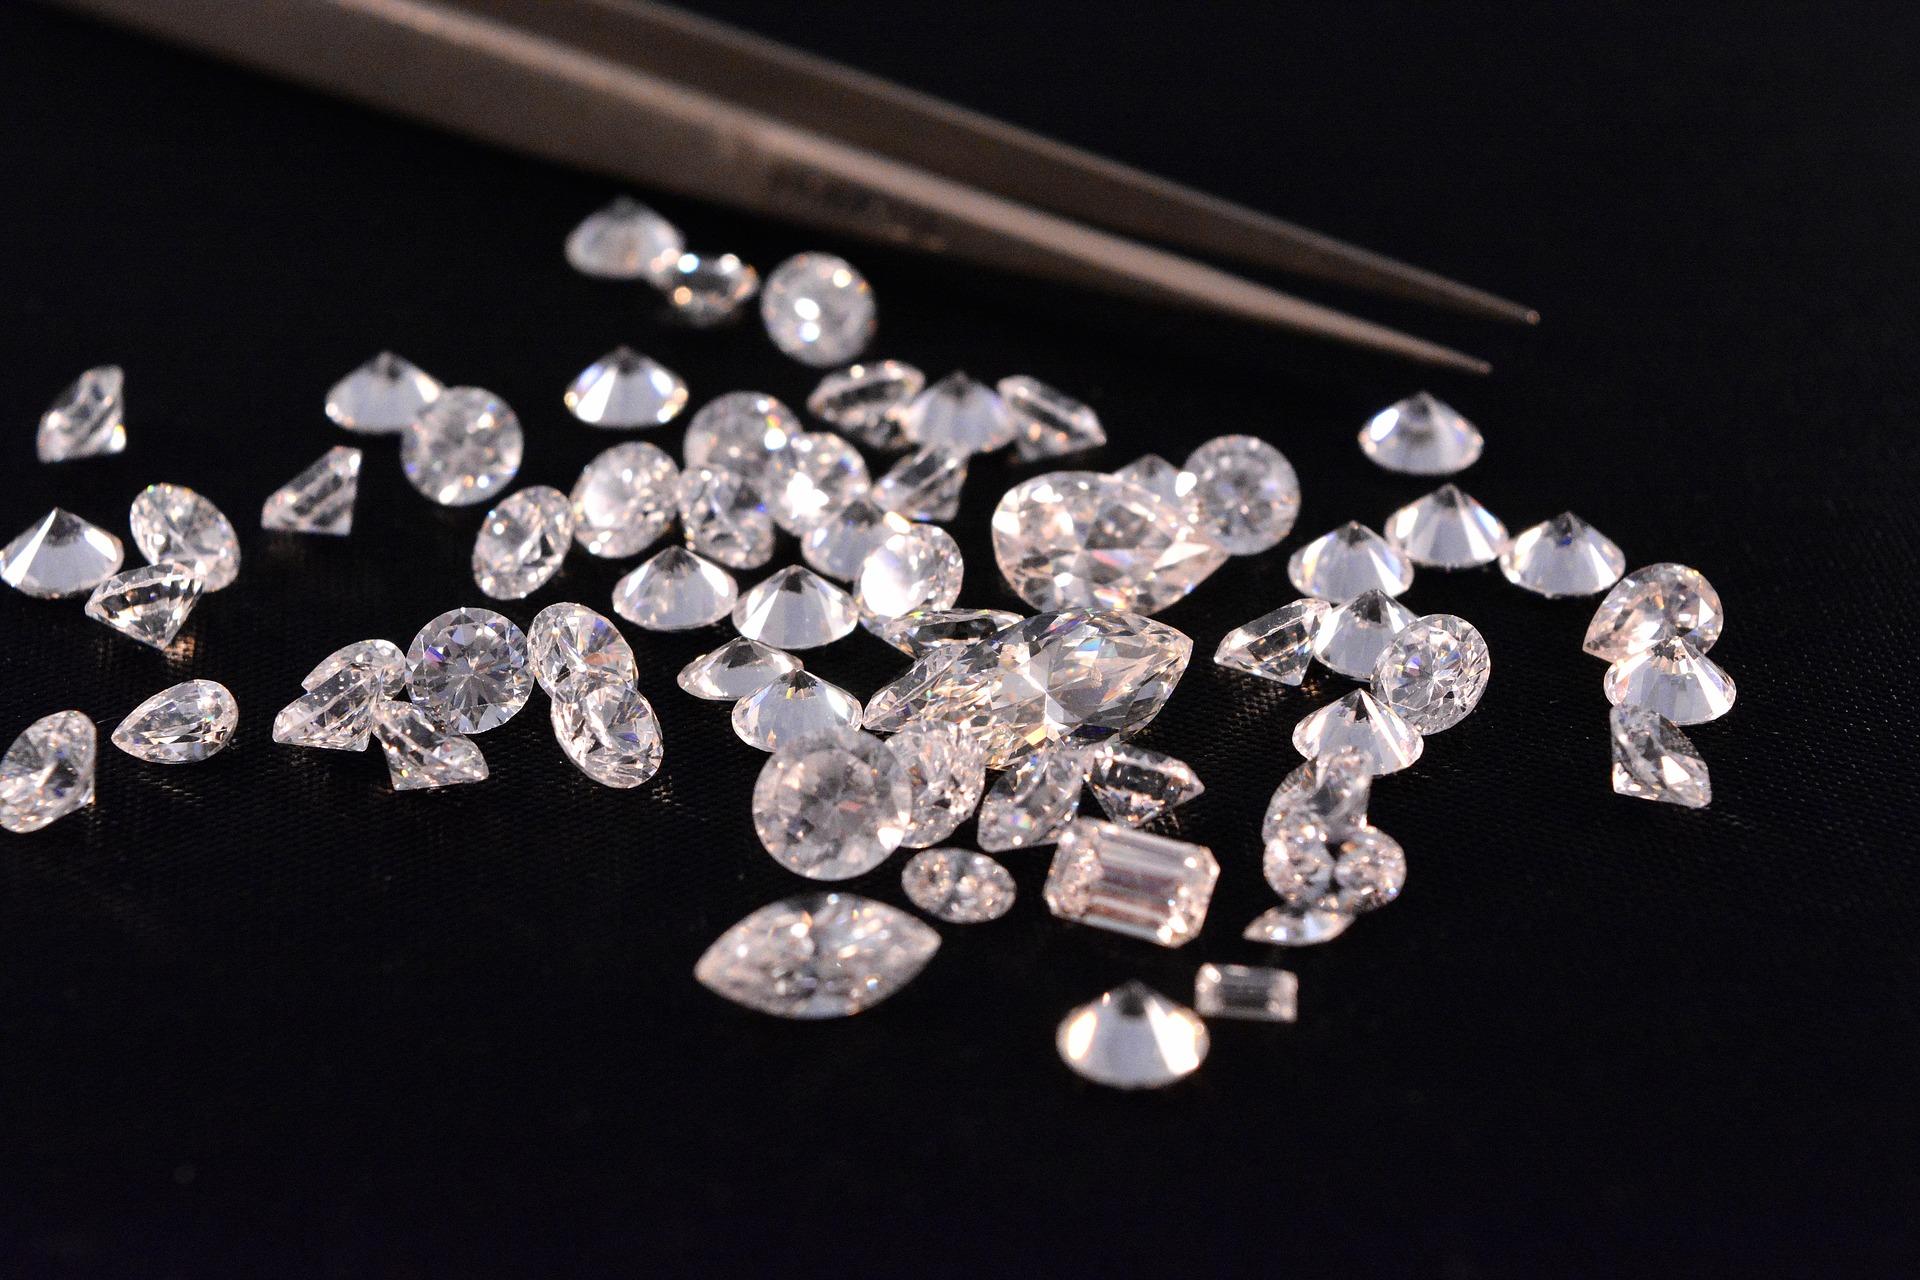 Британский бизнесмен разработал технологию производства алмазов из воздуха